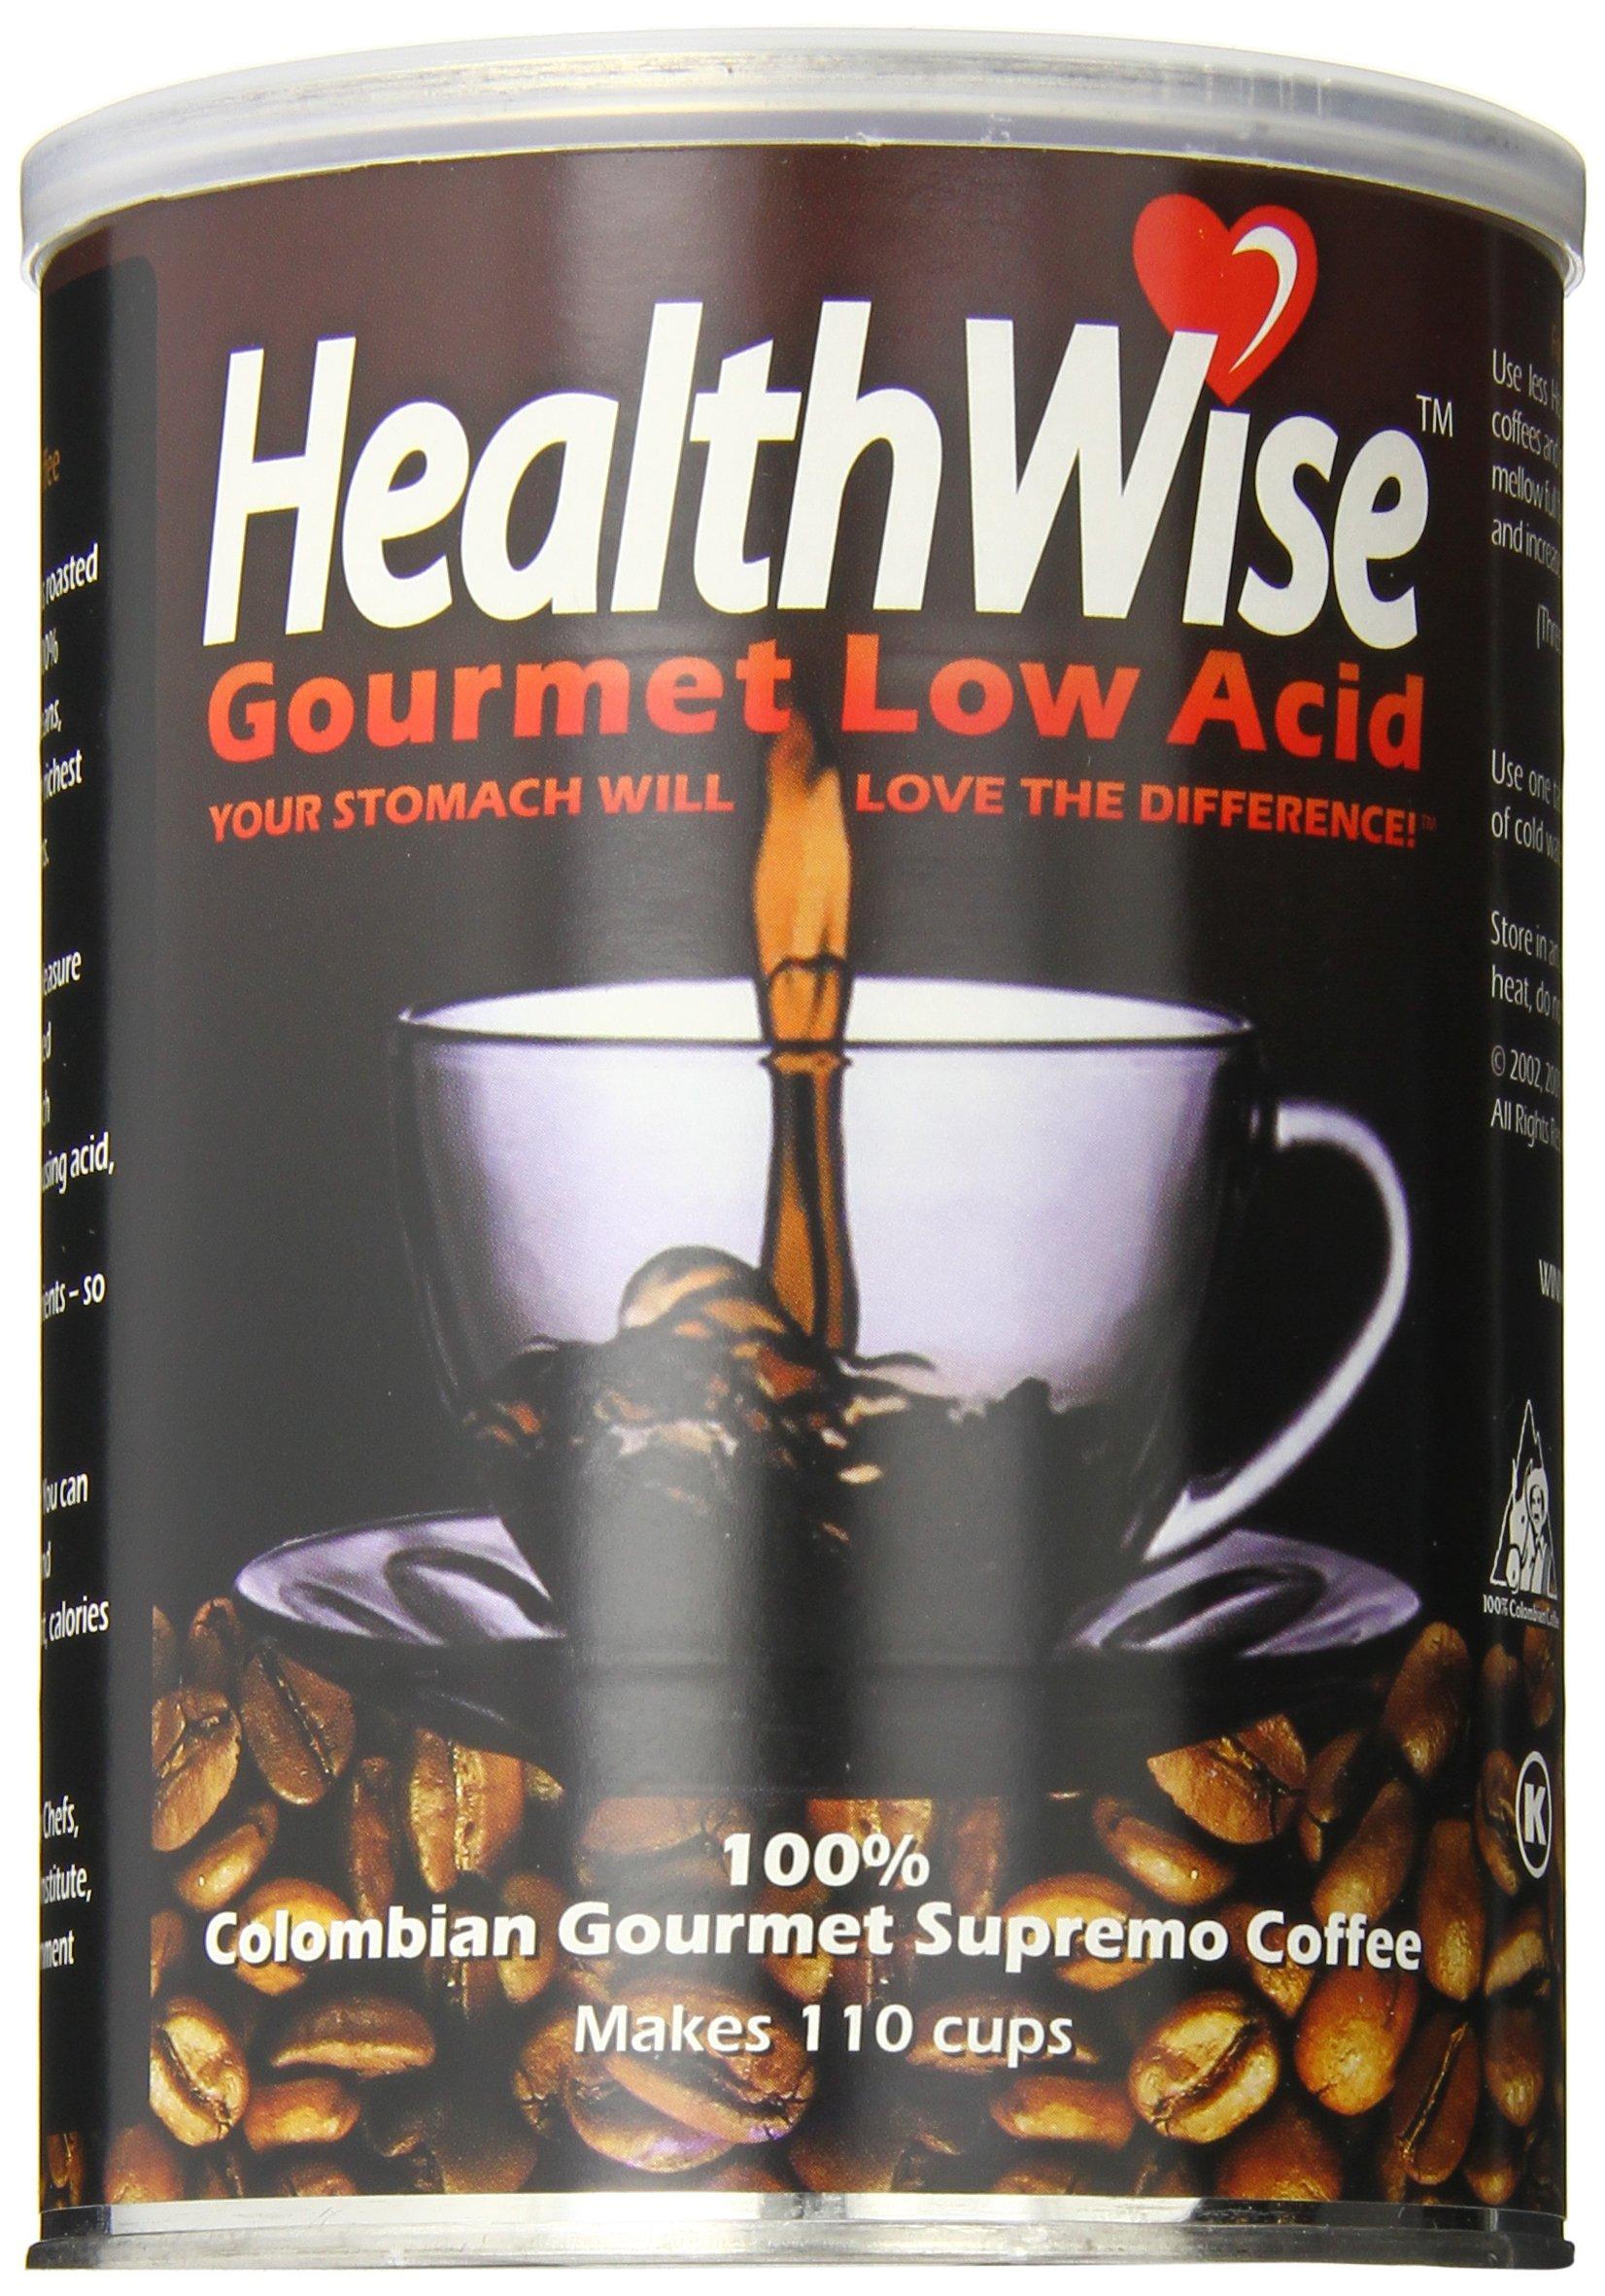 HealthWise Low Acid